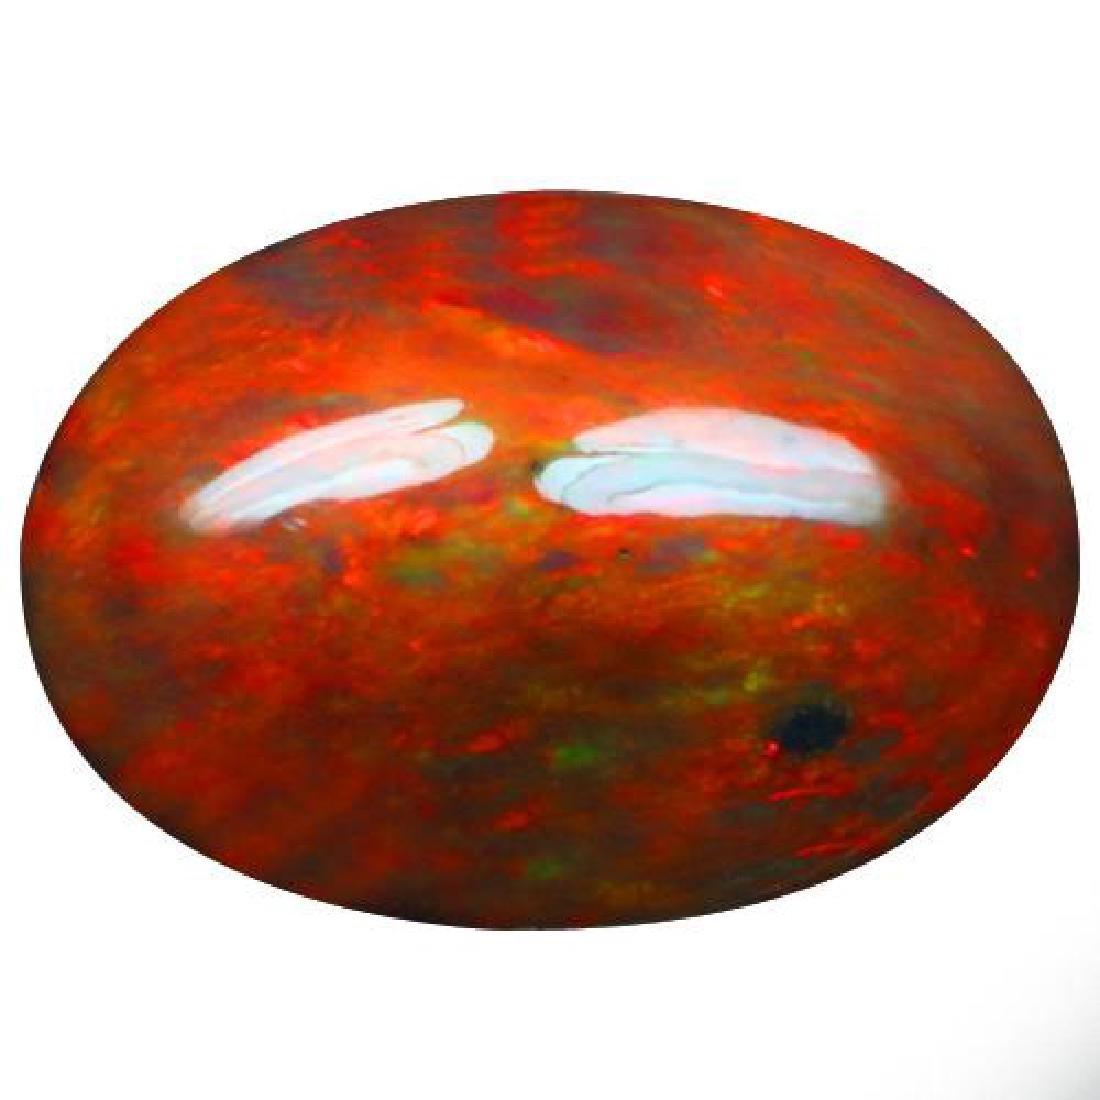 Natural Ethopian Black Opal 8.85 Carats